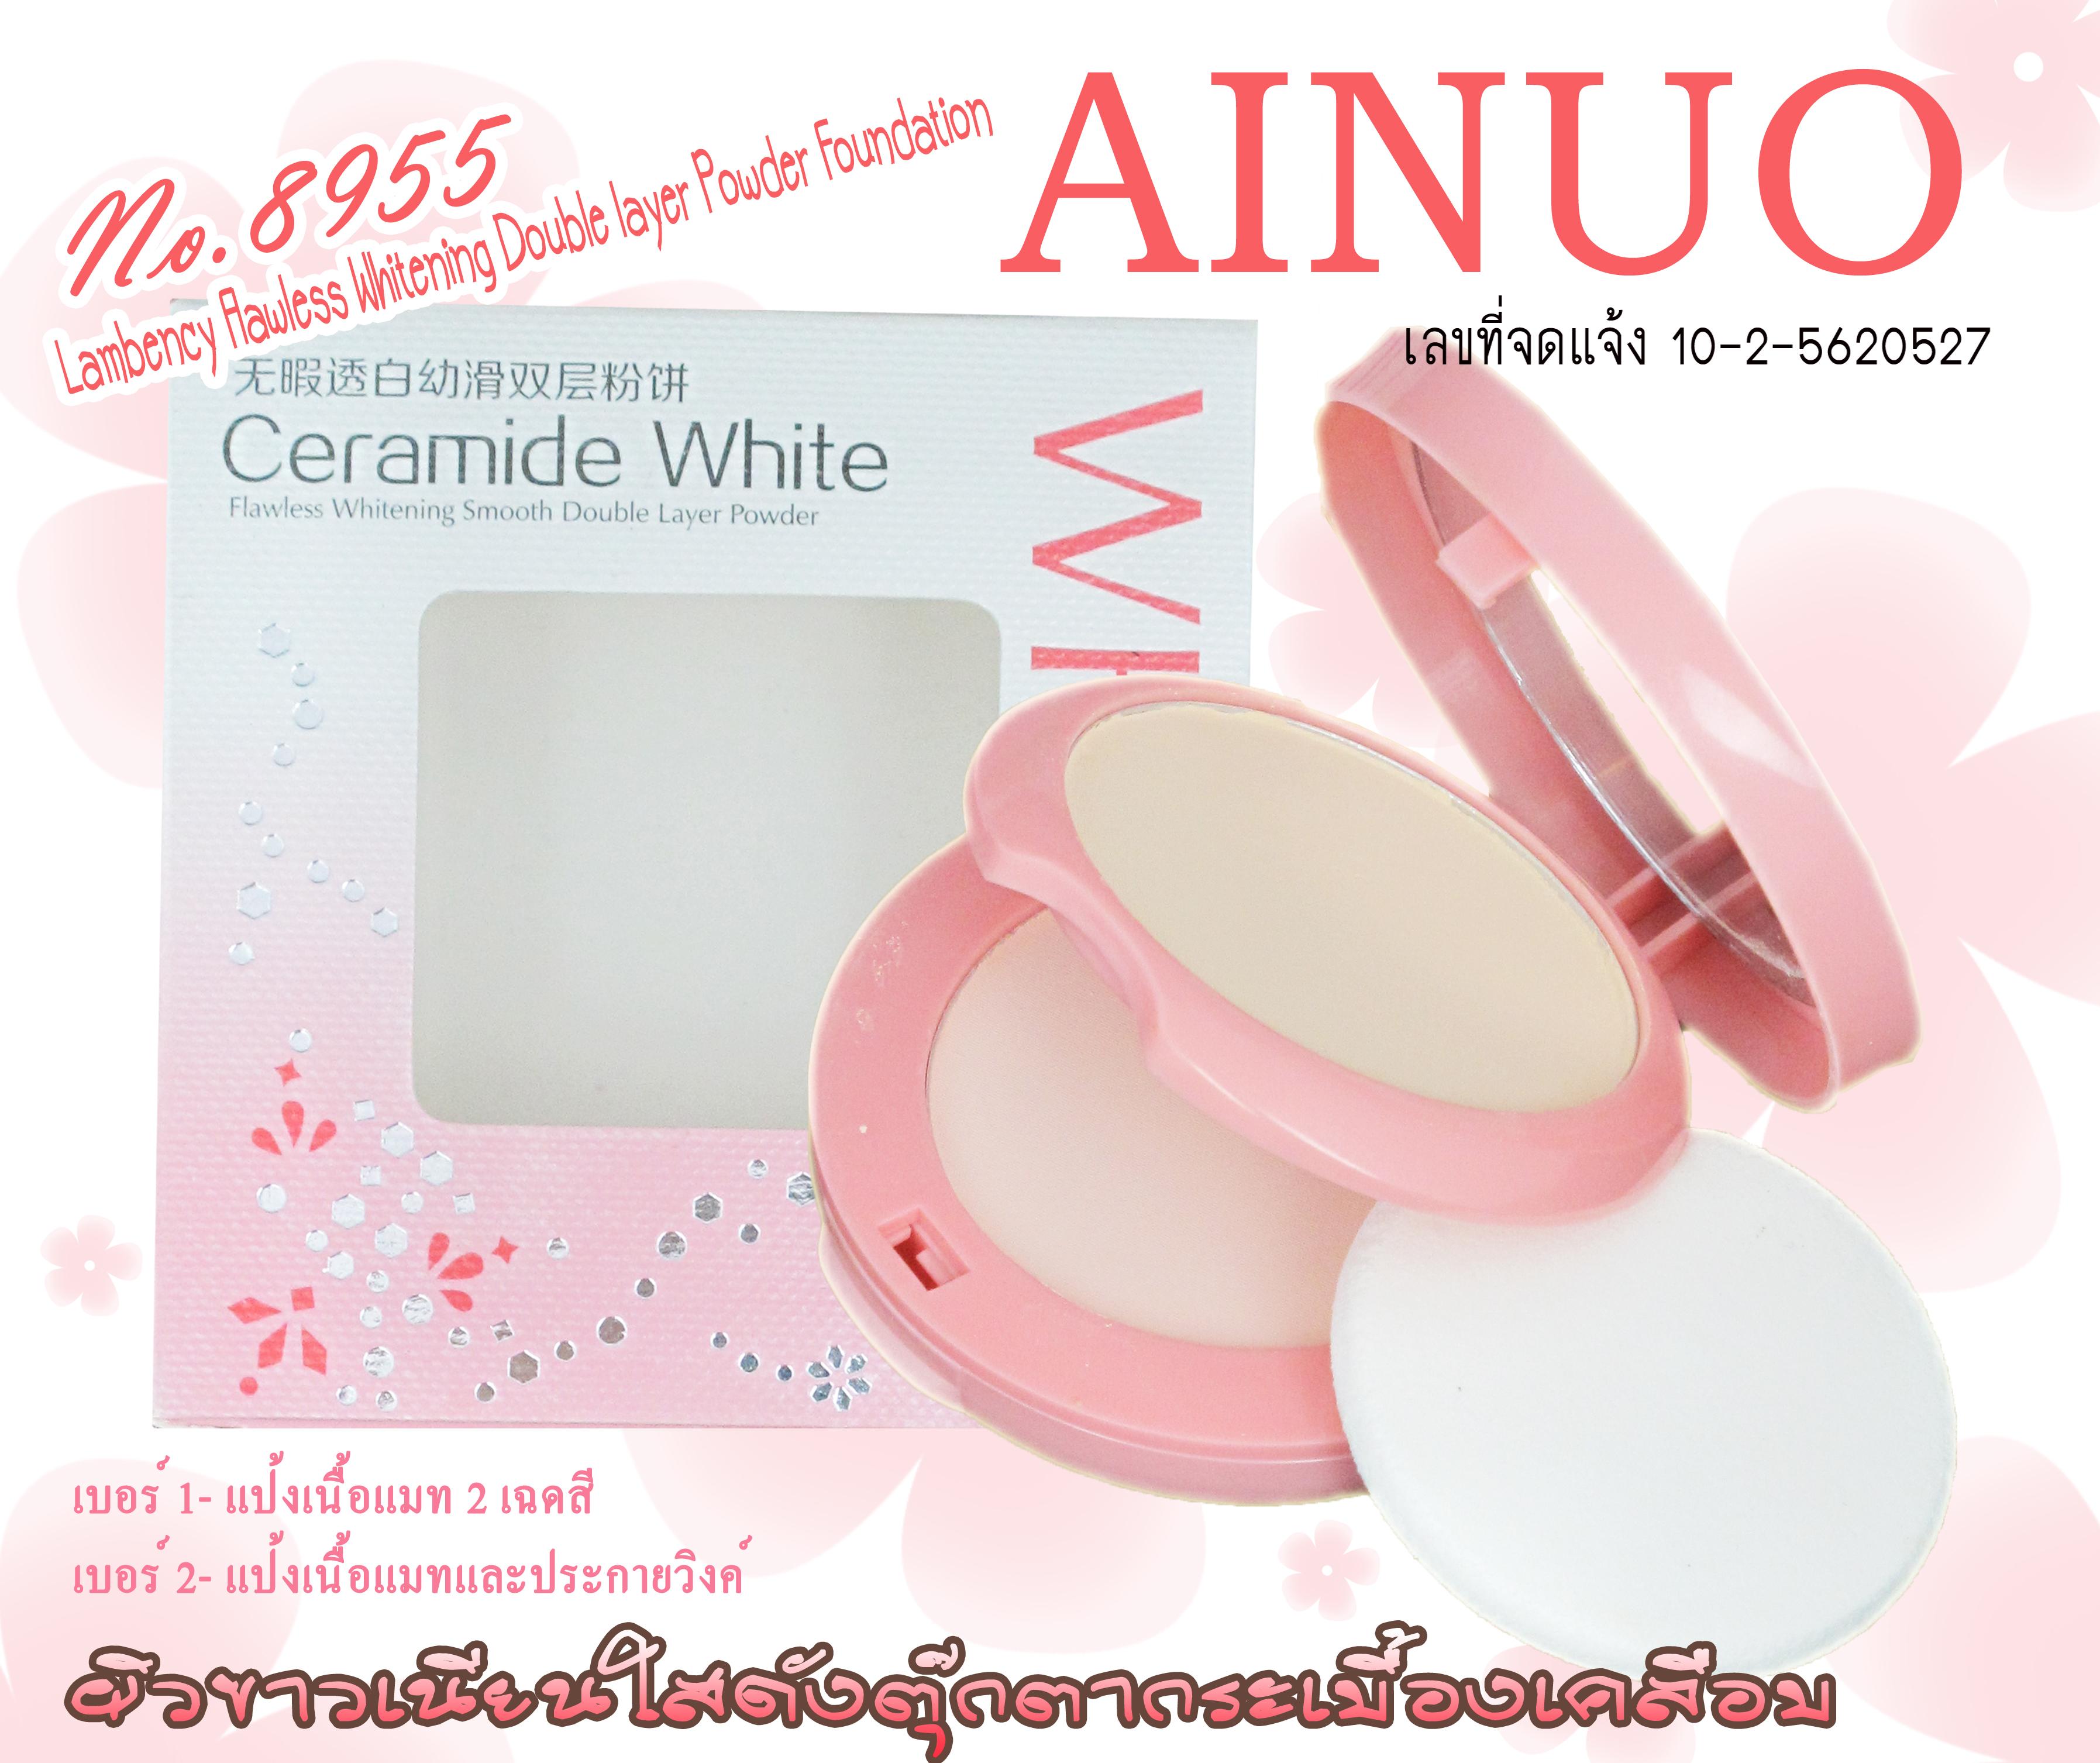 8955 แป้ง AINUO Lambency Flawless Whitening Double layer Powder Foundation